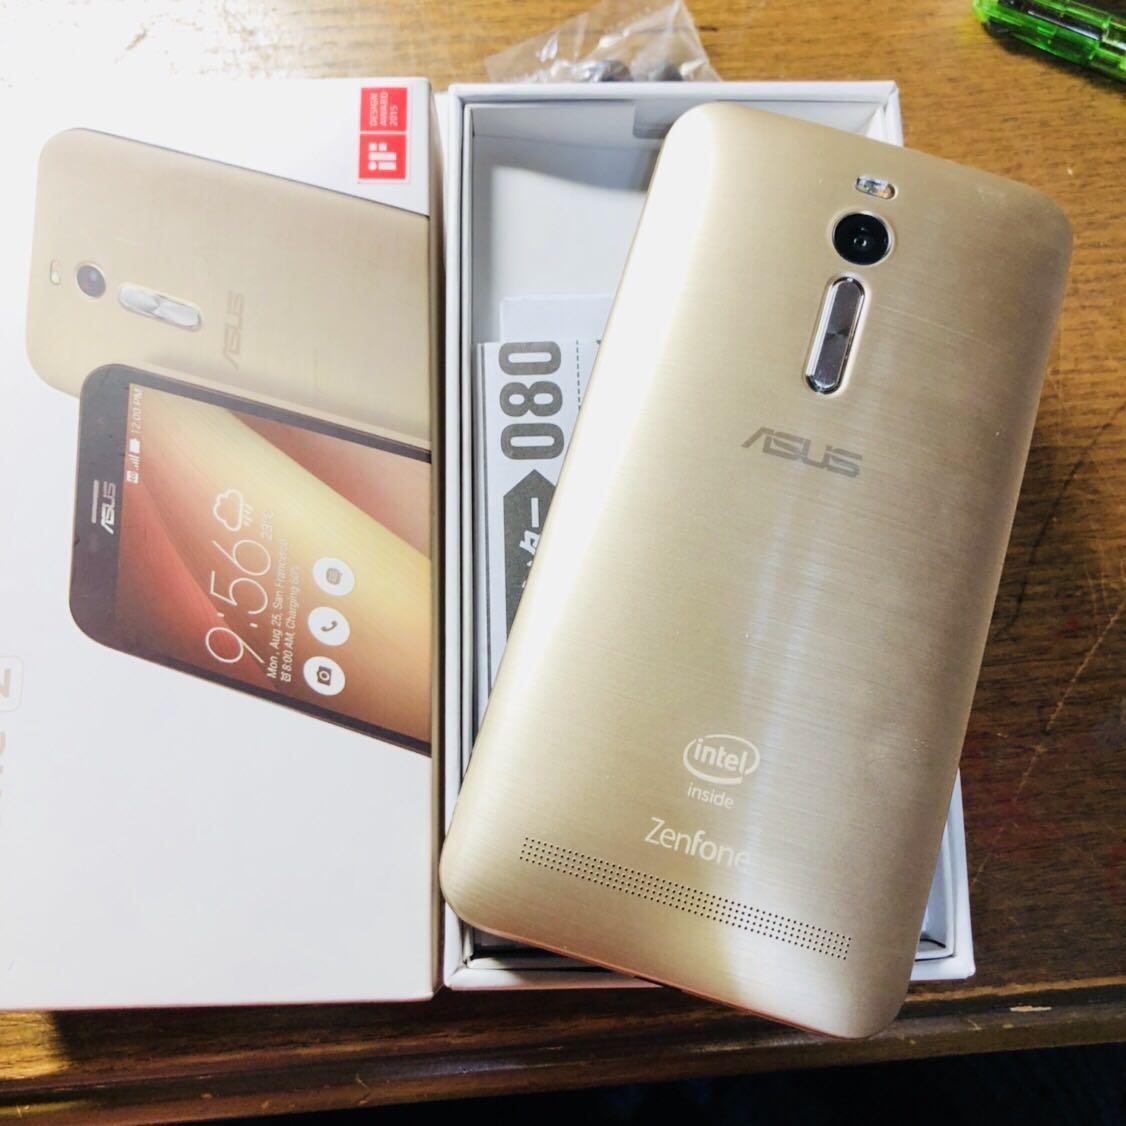 (美品)国内版 SIMフリーASUS Zenfone2 5.5インチ ( ZE551ML) 32GB LTE ブラック Dual SIM 反応 ゴールド_画像3